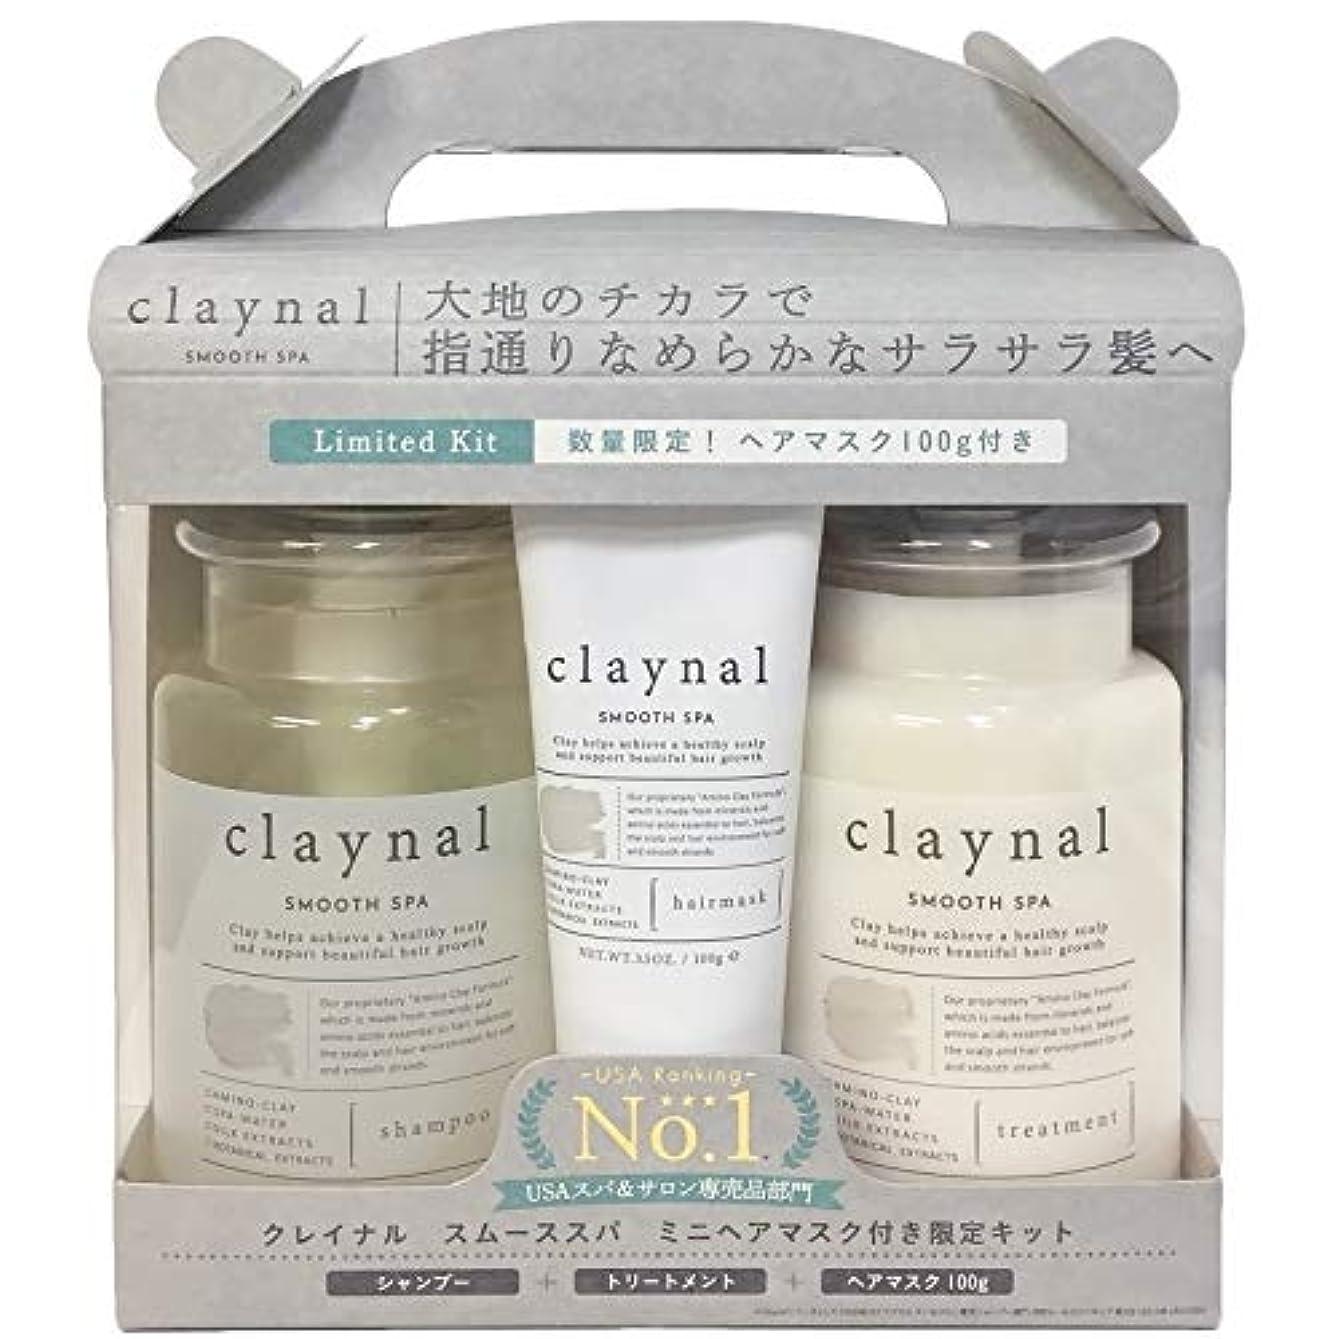 仮定一般的に言えばサイレントclaynal(クレイナル) クレイナル スムーススパミニヘアマスク付き限定セット 450mL/450mL/100g シャンプー 450ml+450ml+100g